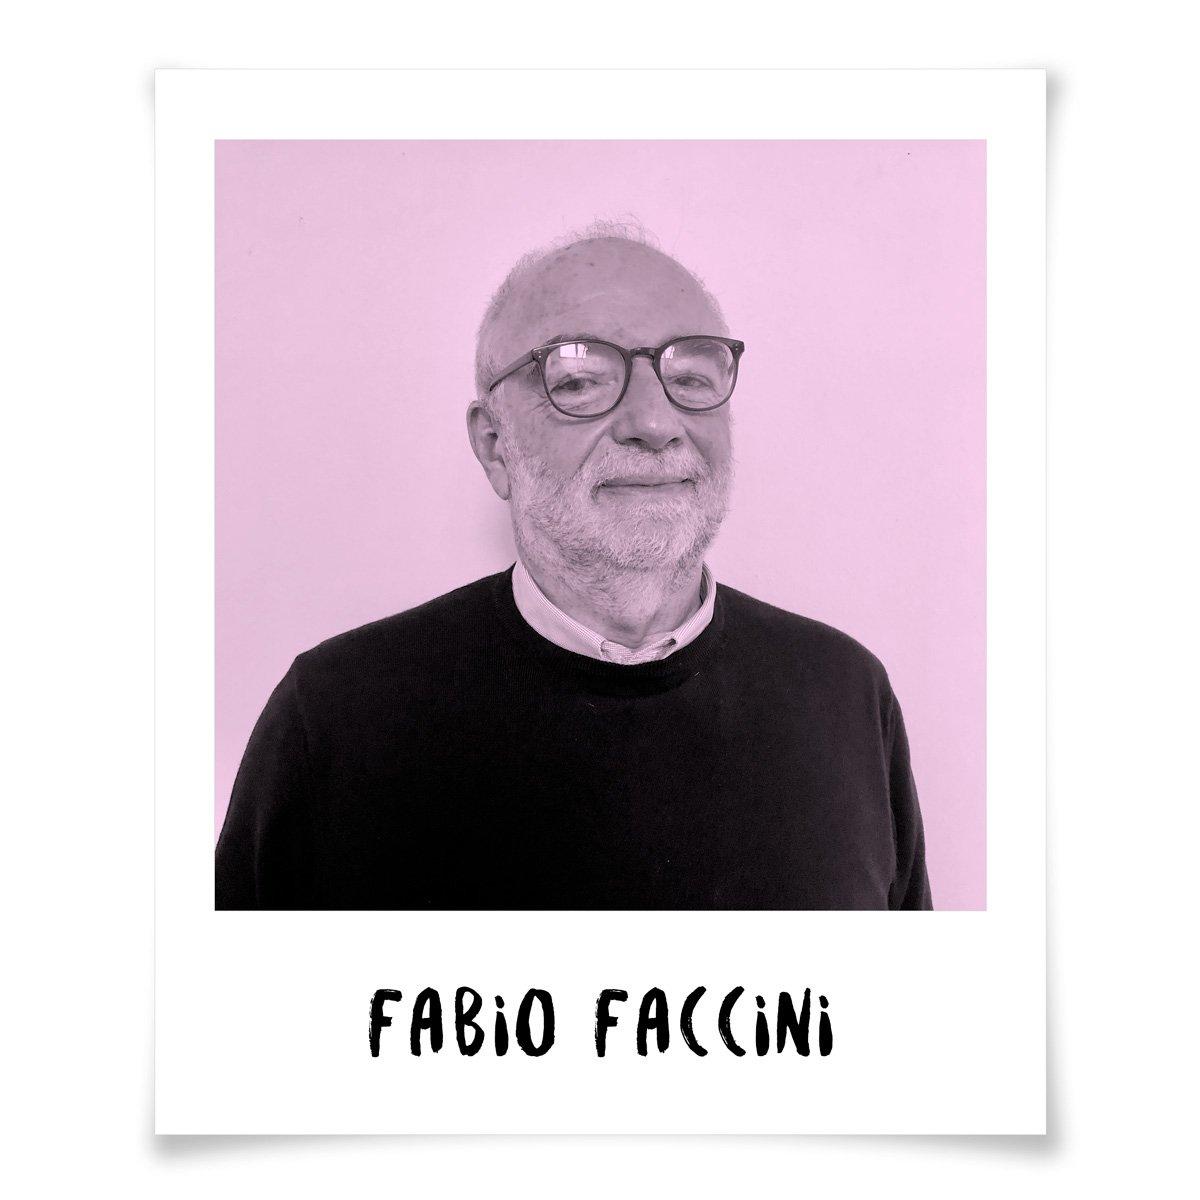 Fabio_Faccini